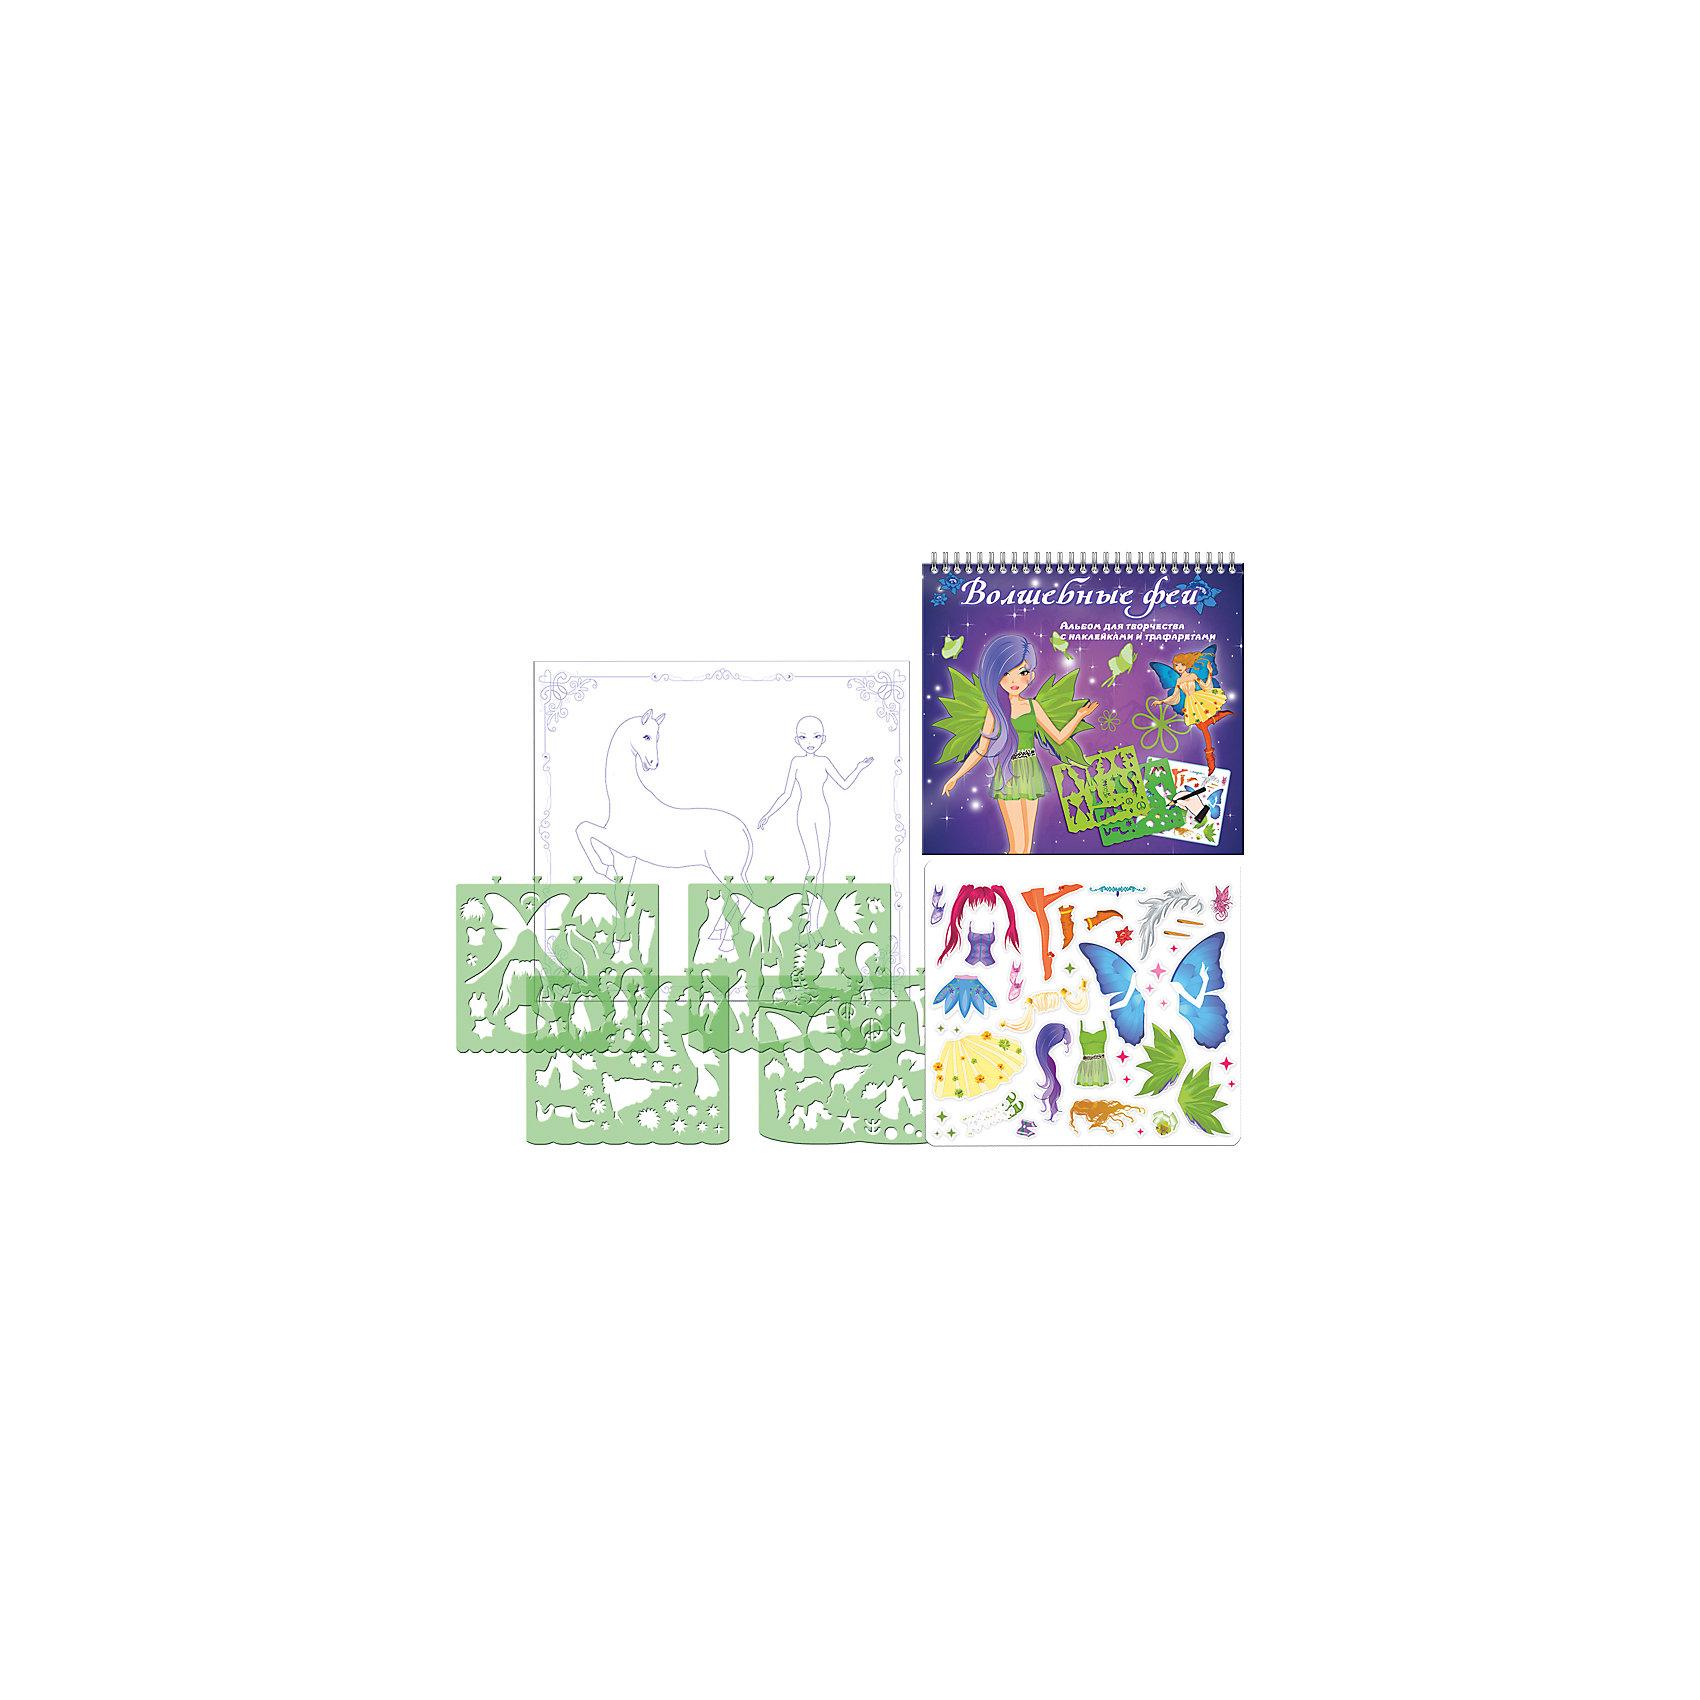 TUKZAR Альбом для творчества Волшебные феи, с трафаретами и наклейками